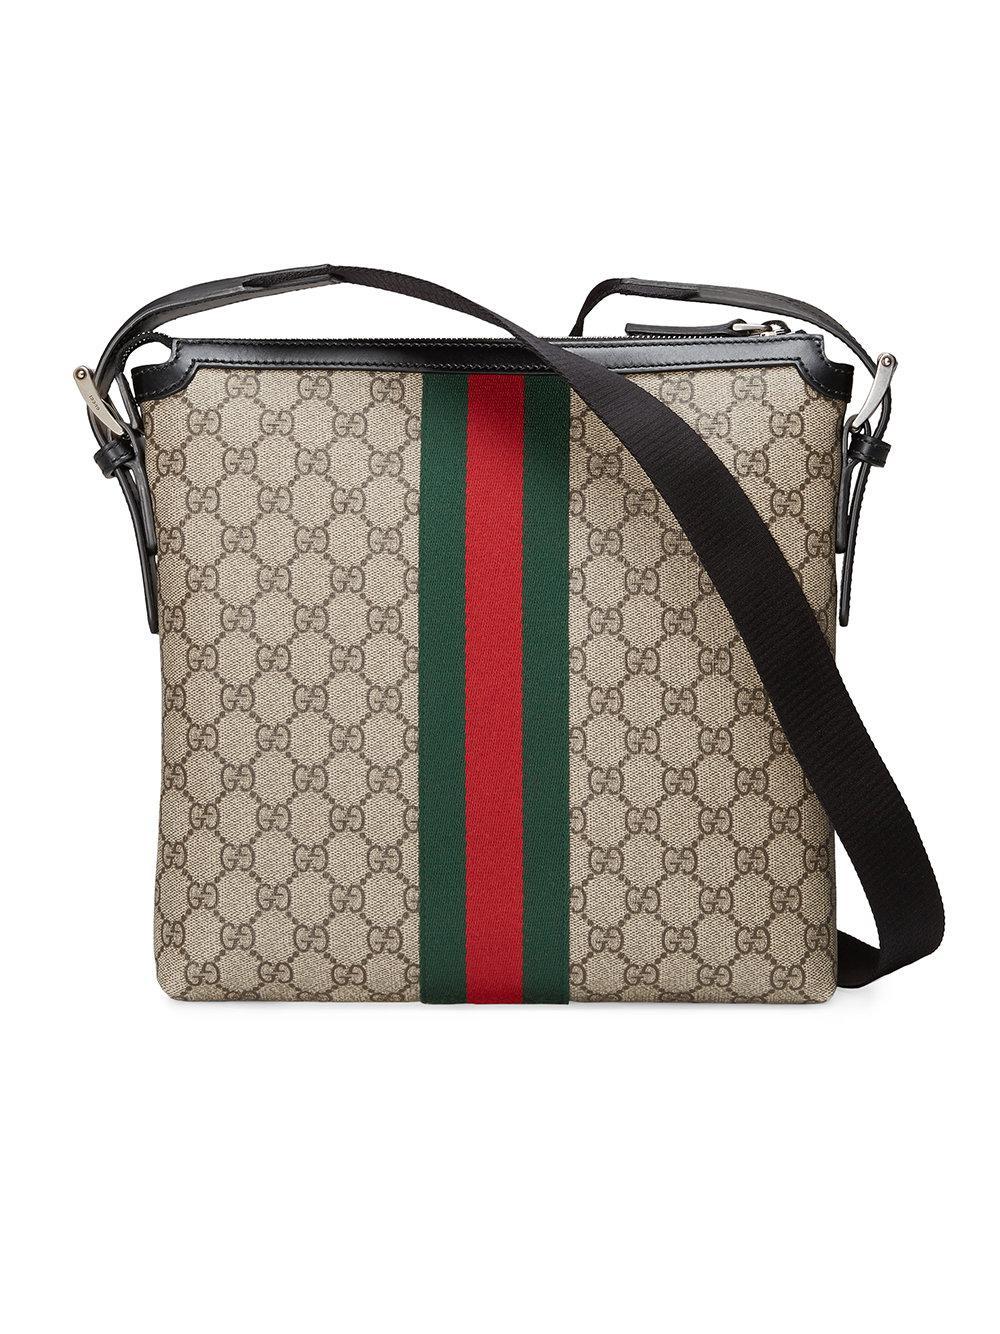 Lyst - Sacoche GG Supreme Gucci pour homme en coloris Marron 9f84c6f69c8